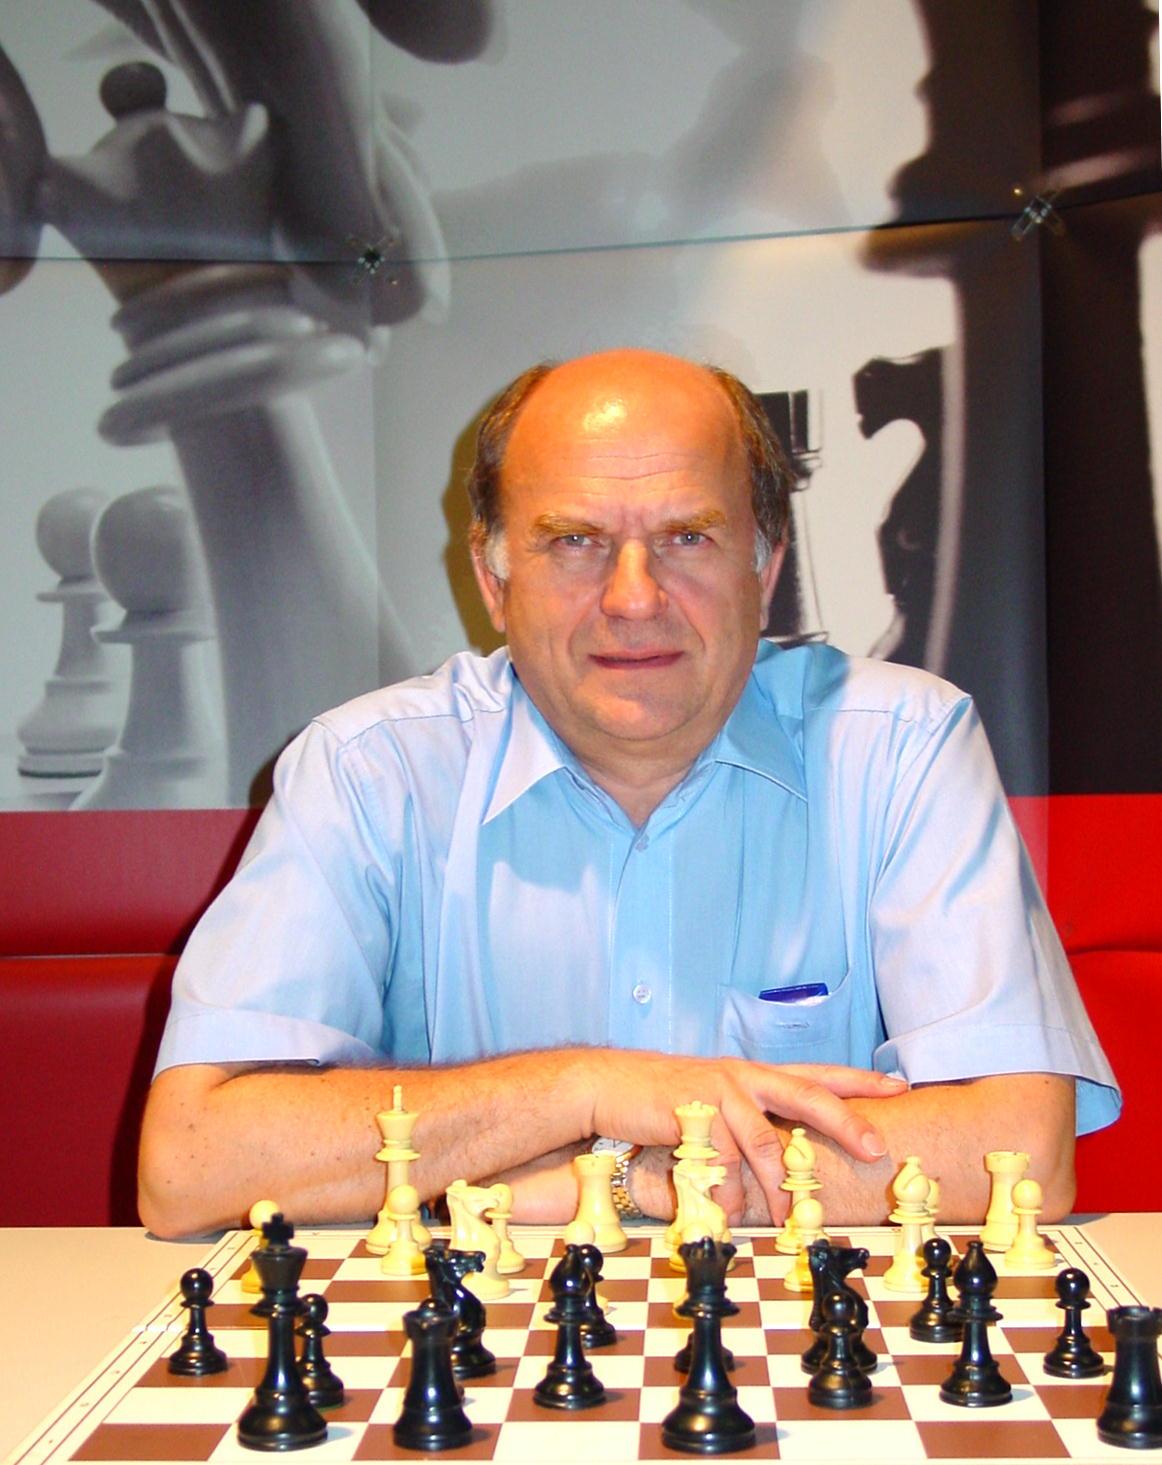 Jerzy Konikowski